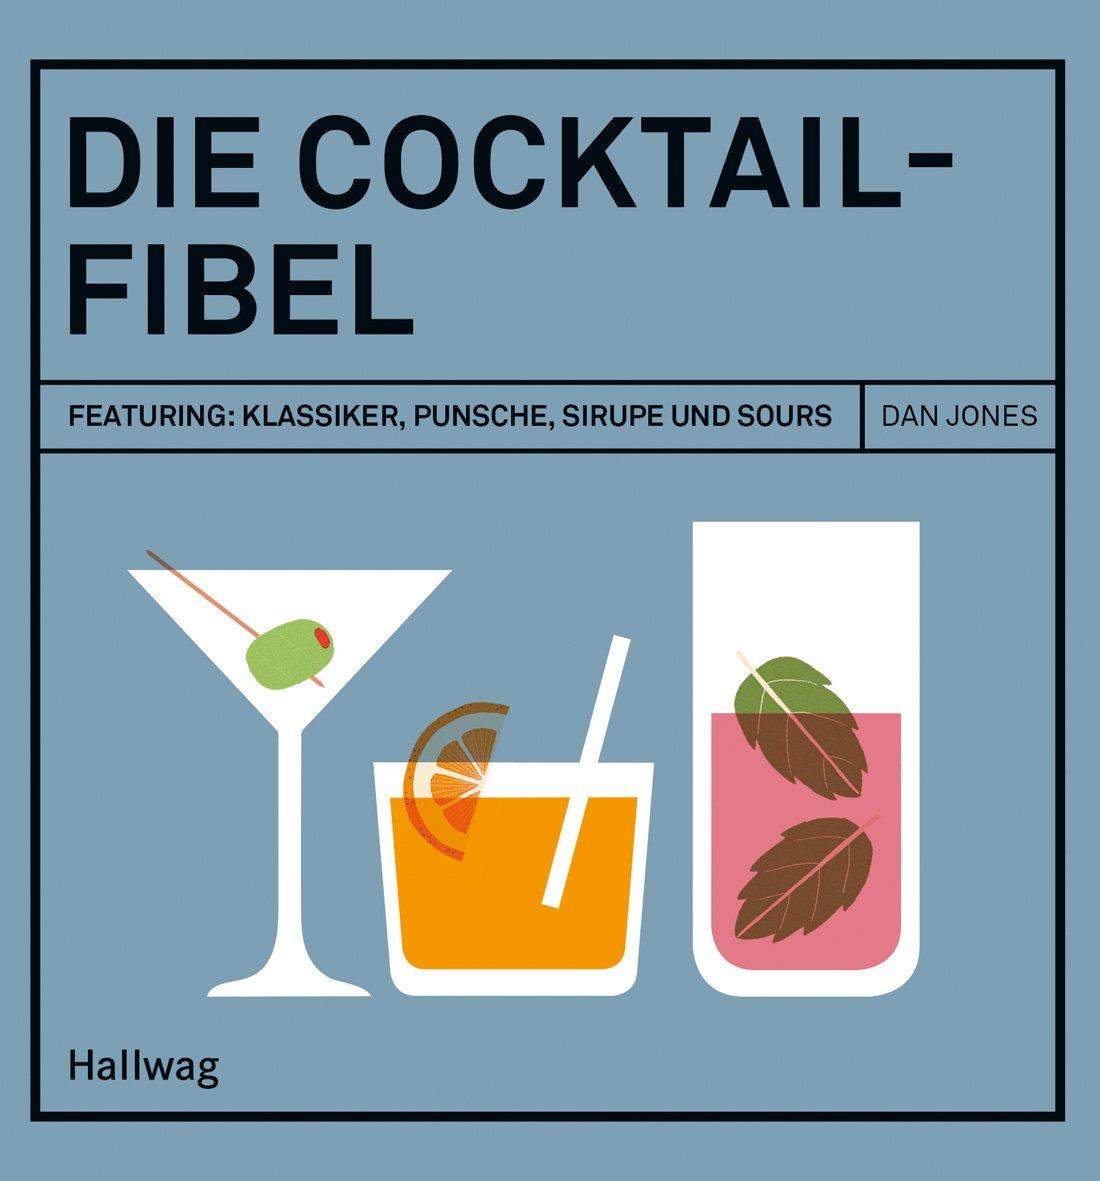 Wunderbar Longdrinks Klassiker Das Beste Von Die Cocktail-fibel: Featuring: Klassiker, Punsche, Sirupe Und